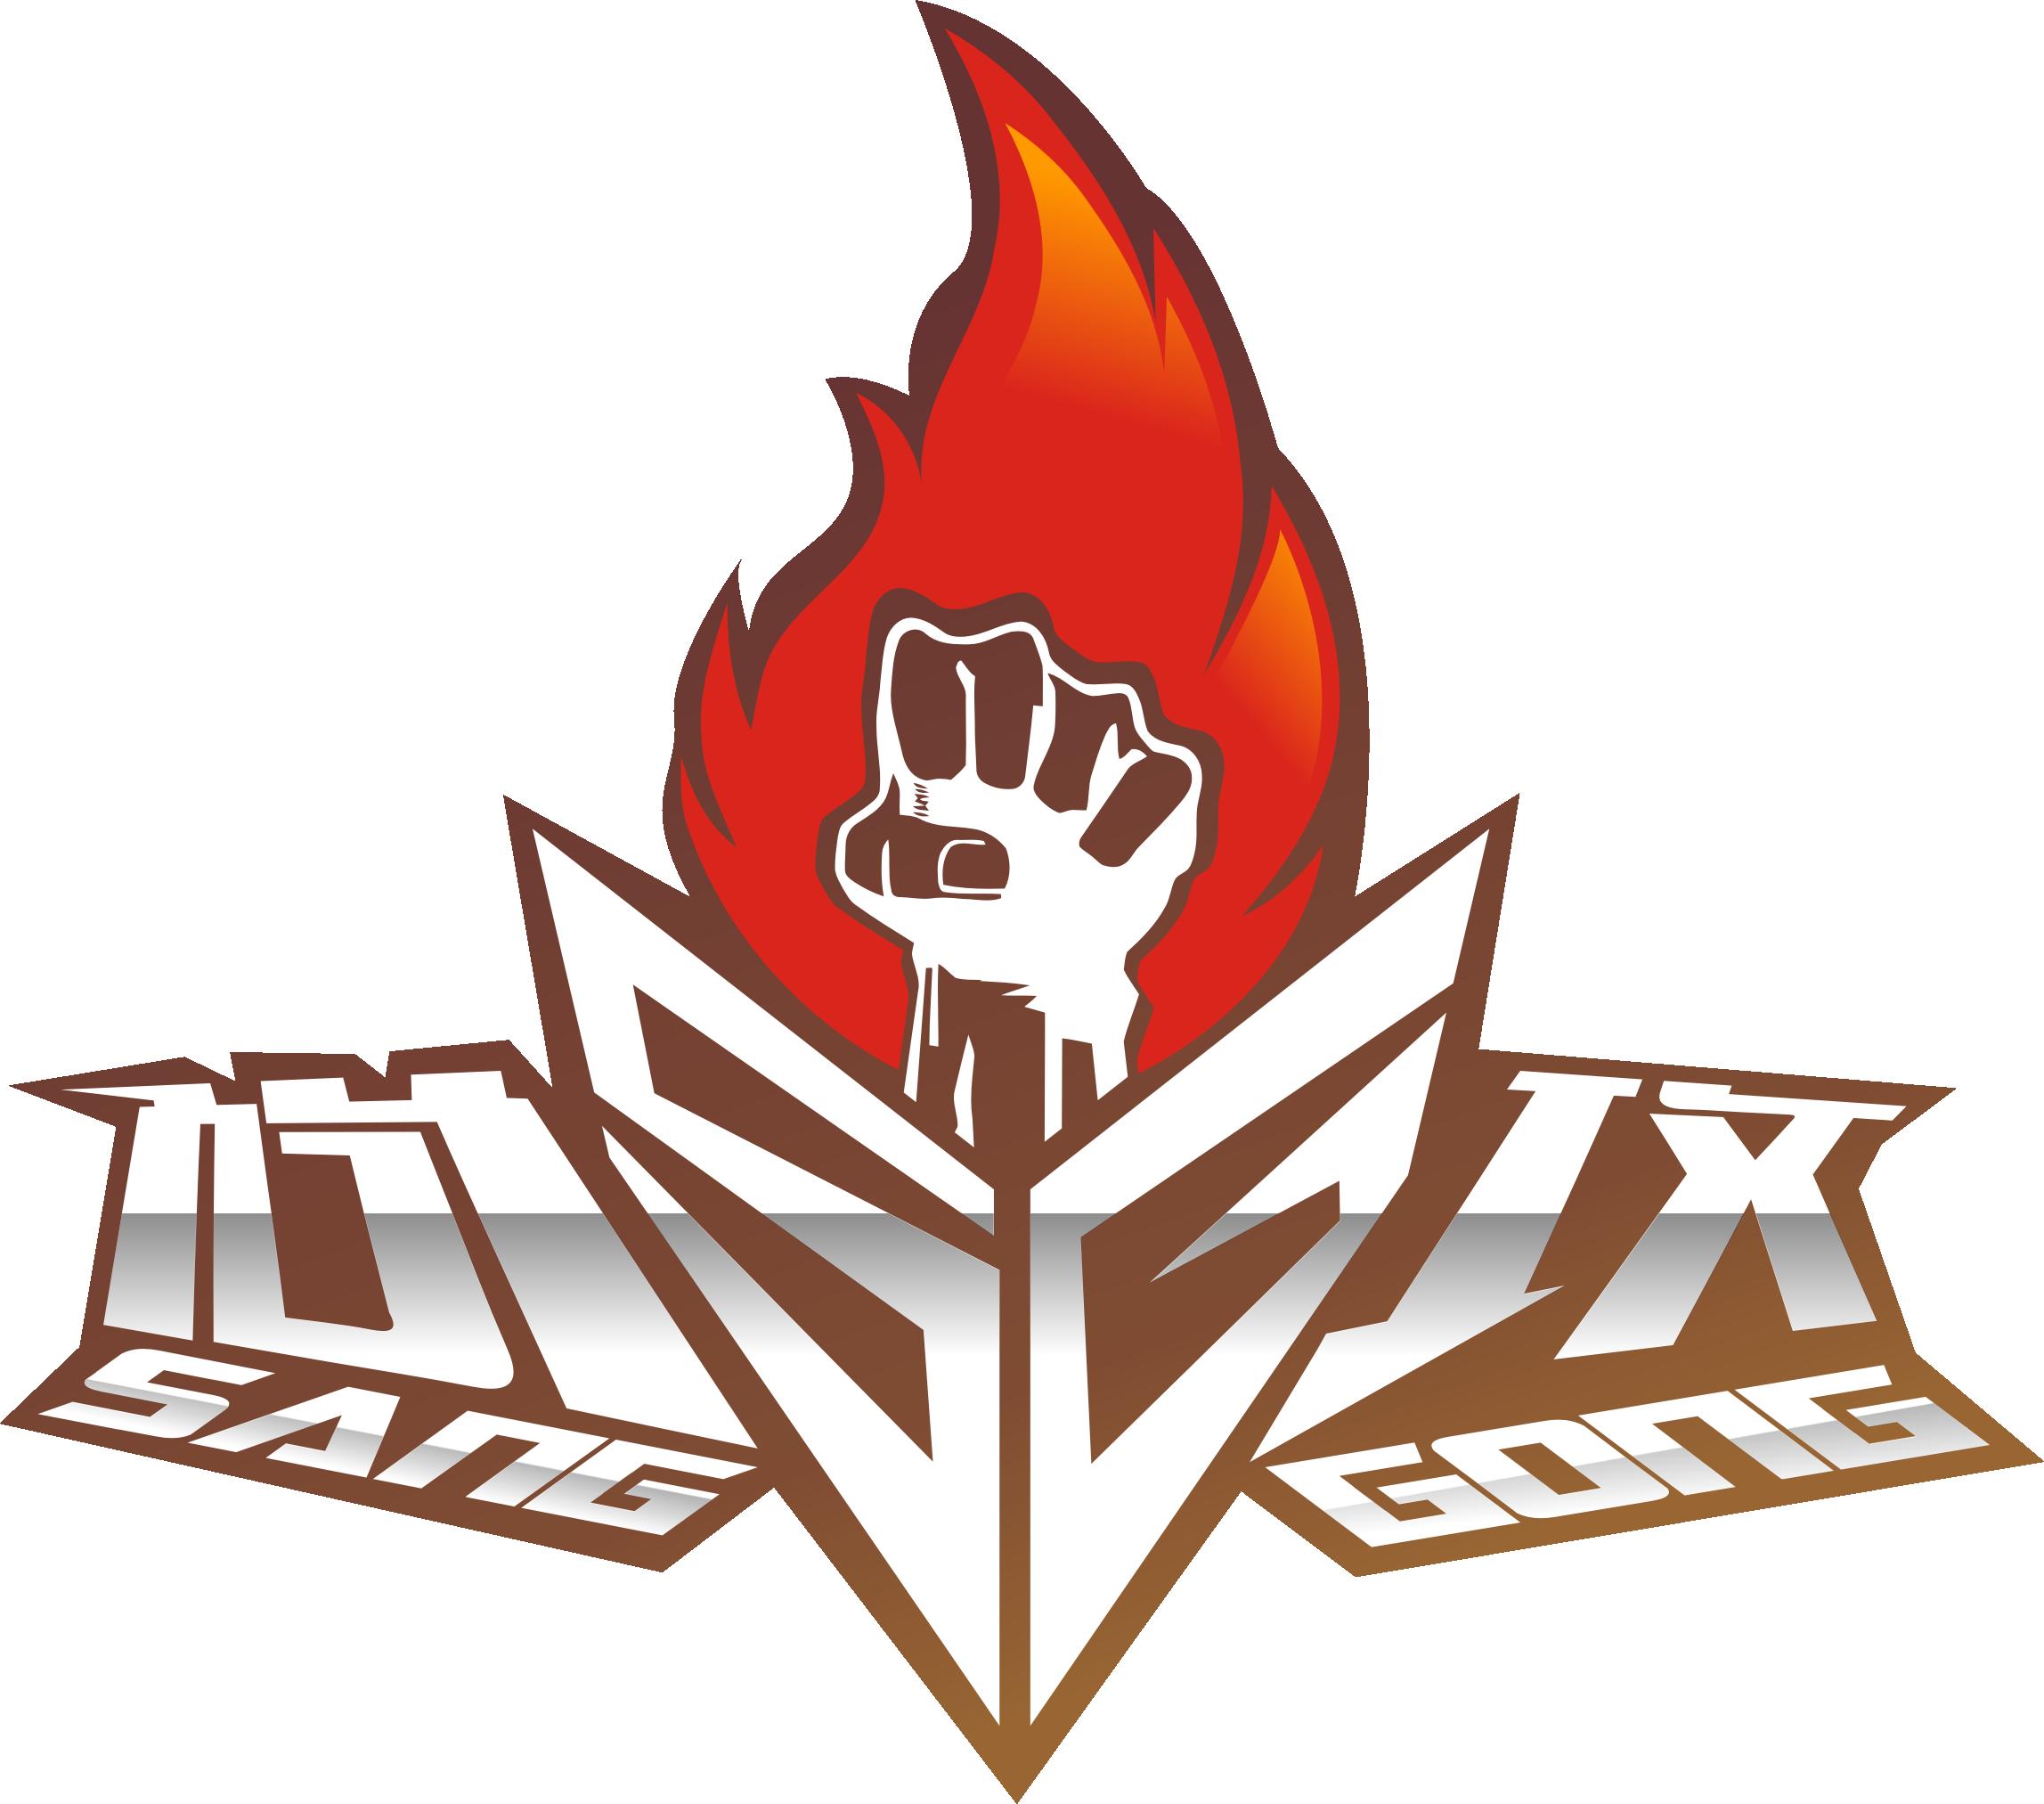 logo logo 标志 设计 矢量 矢量图 素材 图标 2295_2025